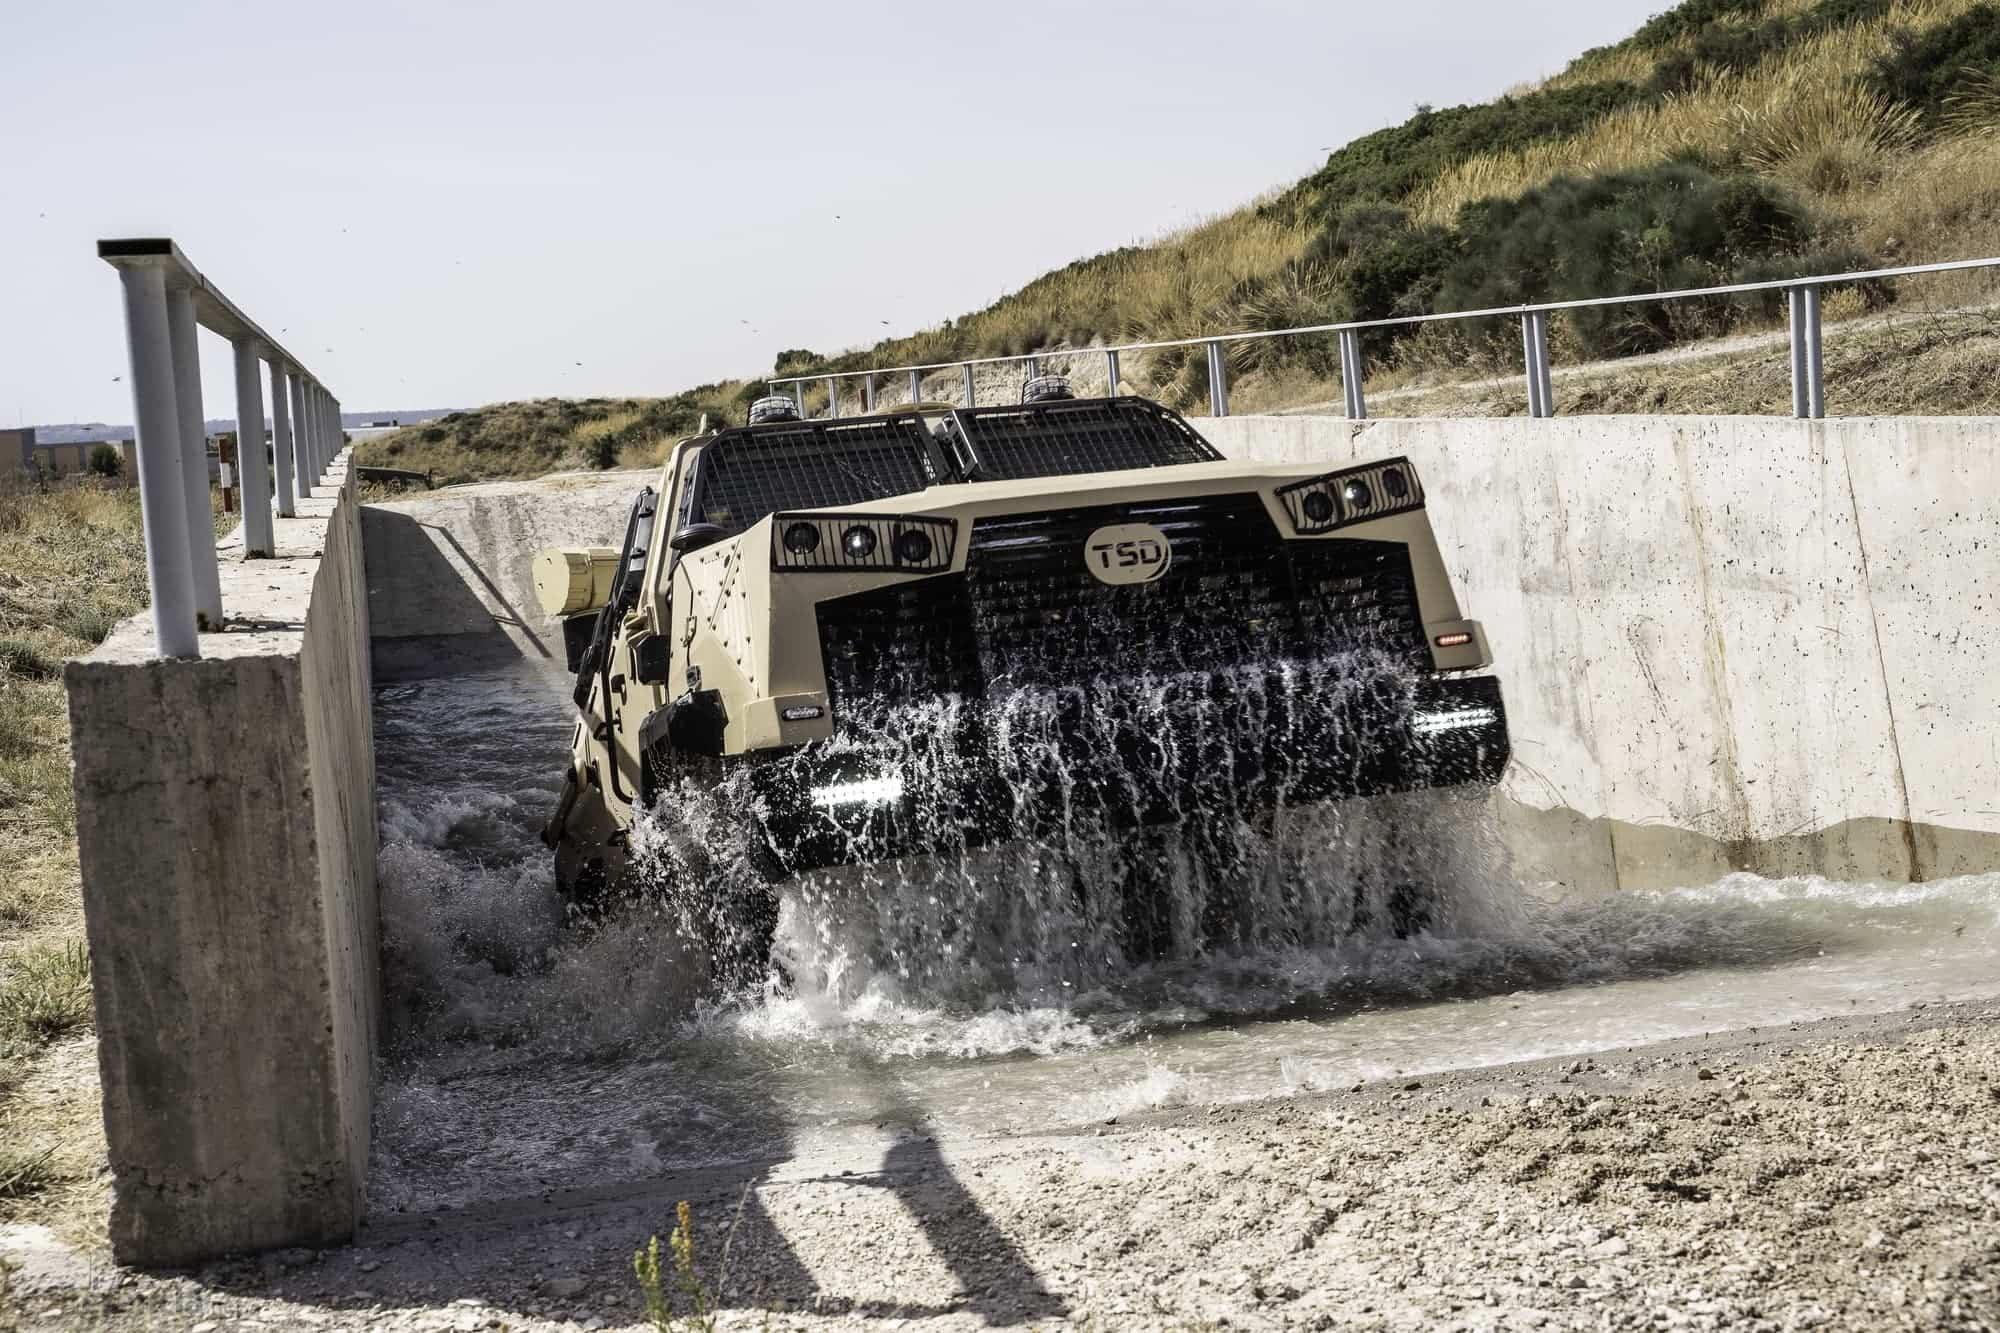 TSD presenta IBERO, un vehículo táctico multipropósito, con adaptabilidad y versatilidad 24